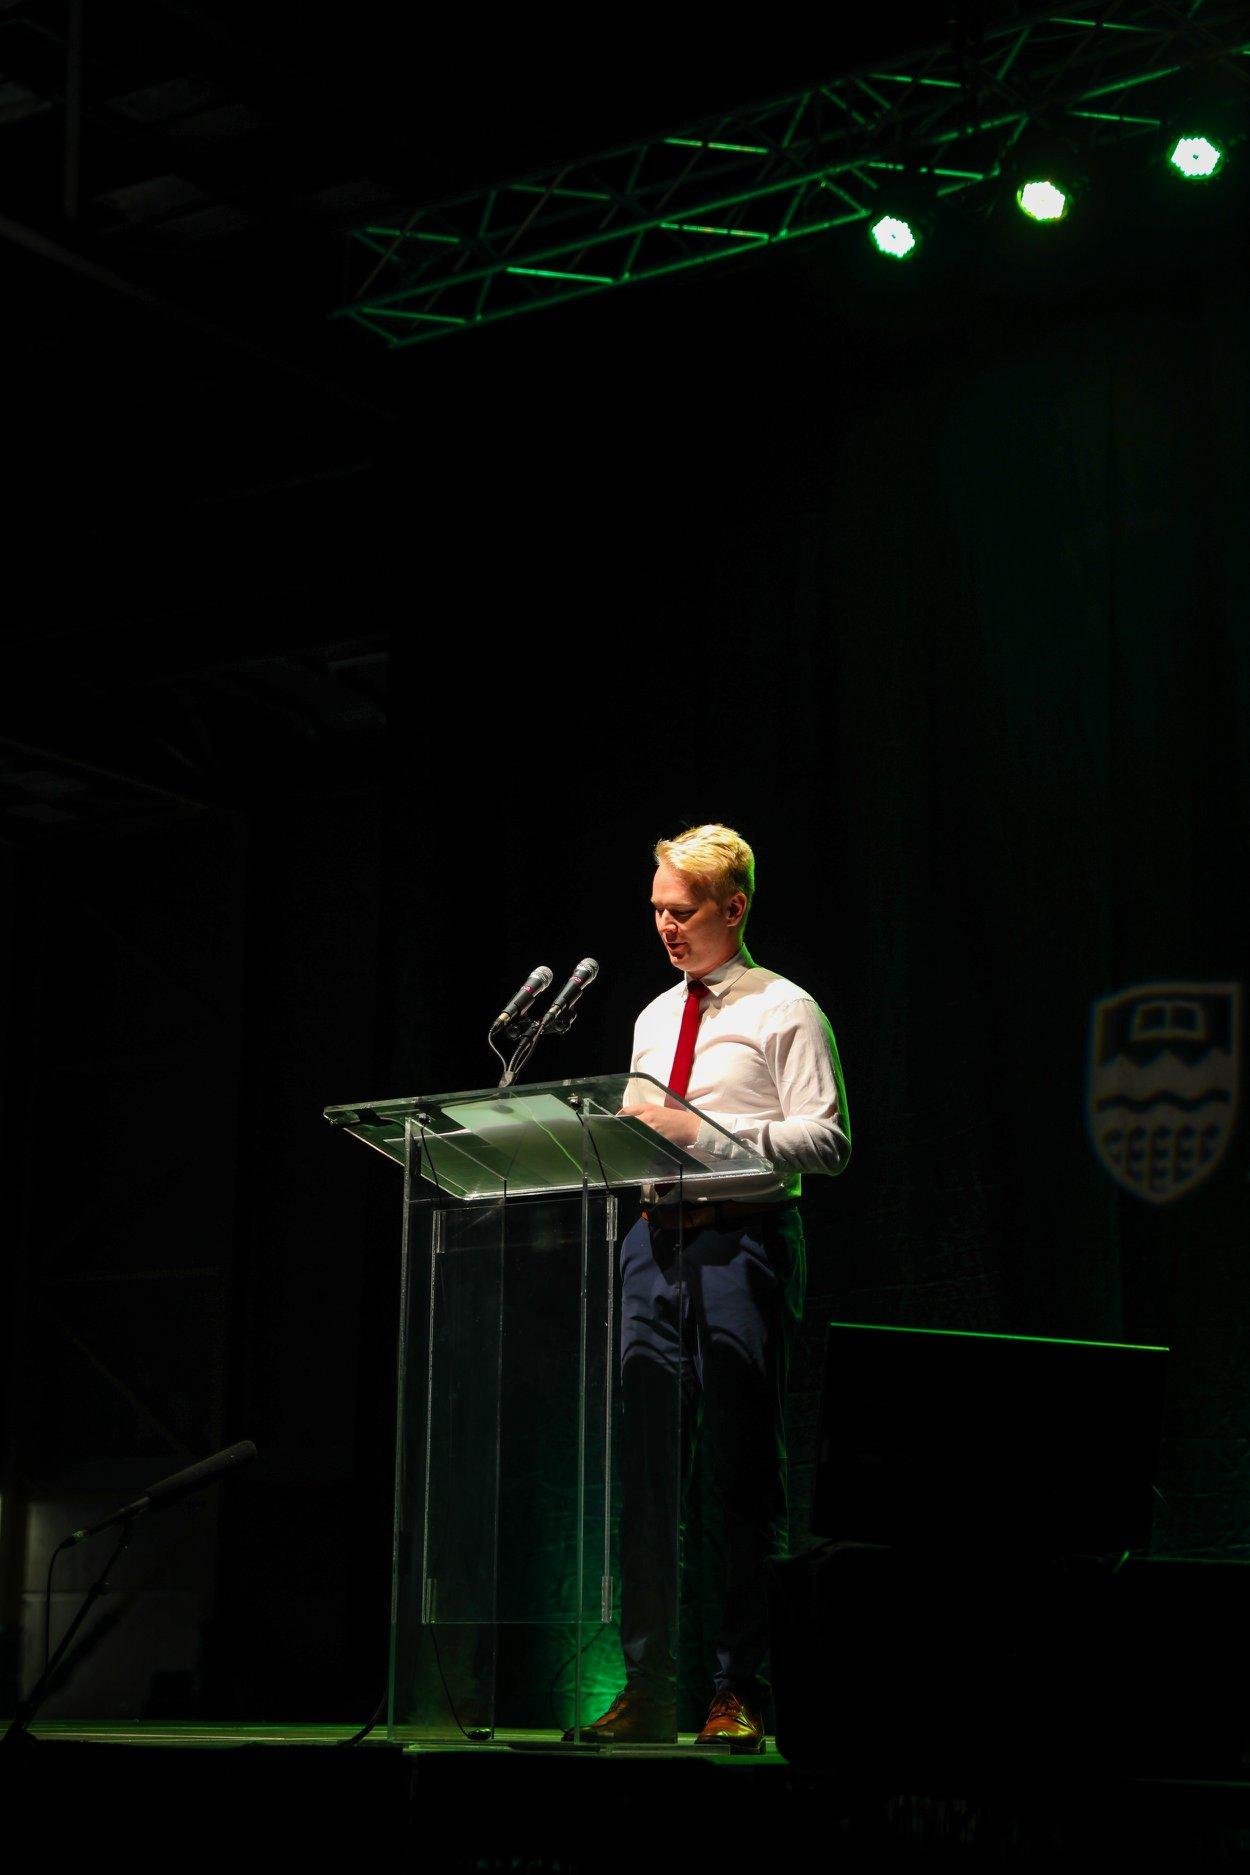 University of Alberta Presidents Address - 2018